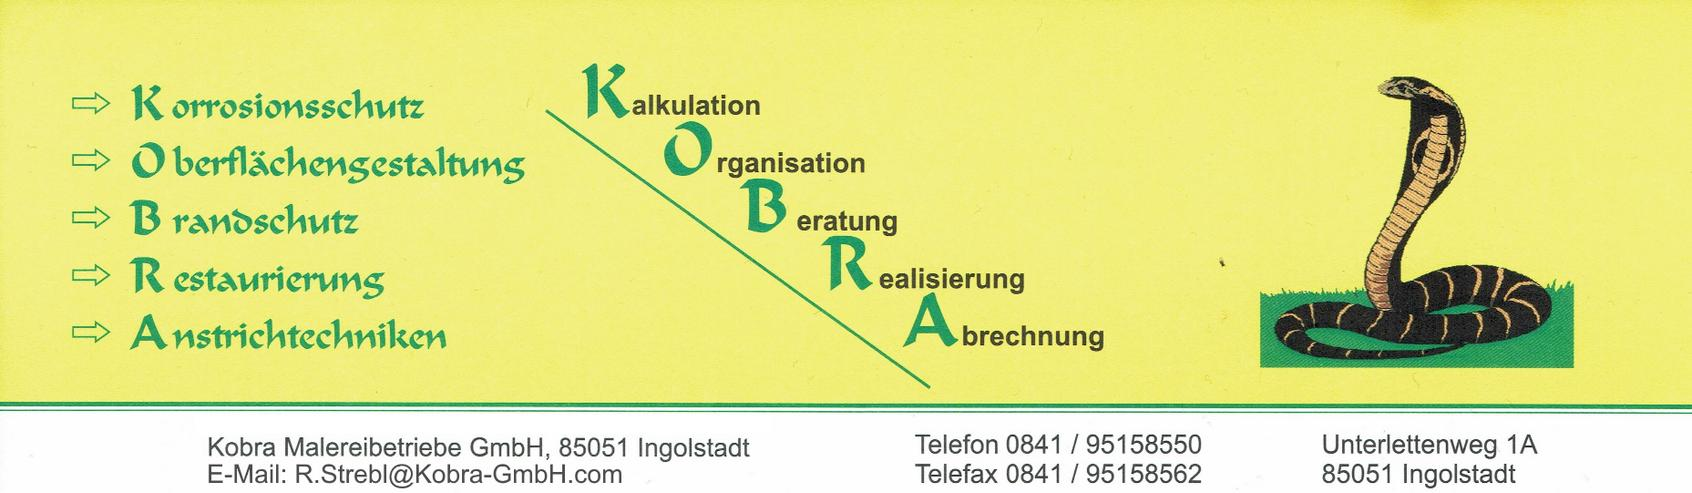 Aufmaßtechniker/in im Maler- und Lackierhandwerk - Maler & Lackierer - Bild 1